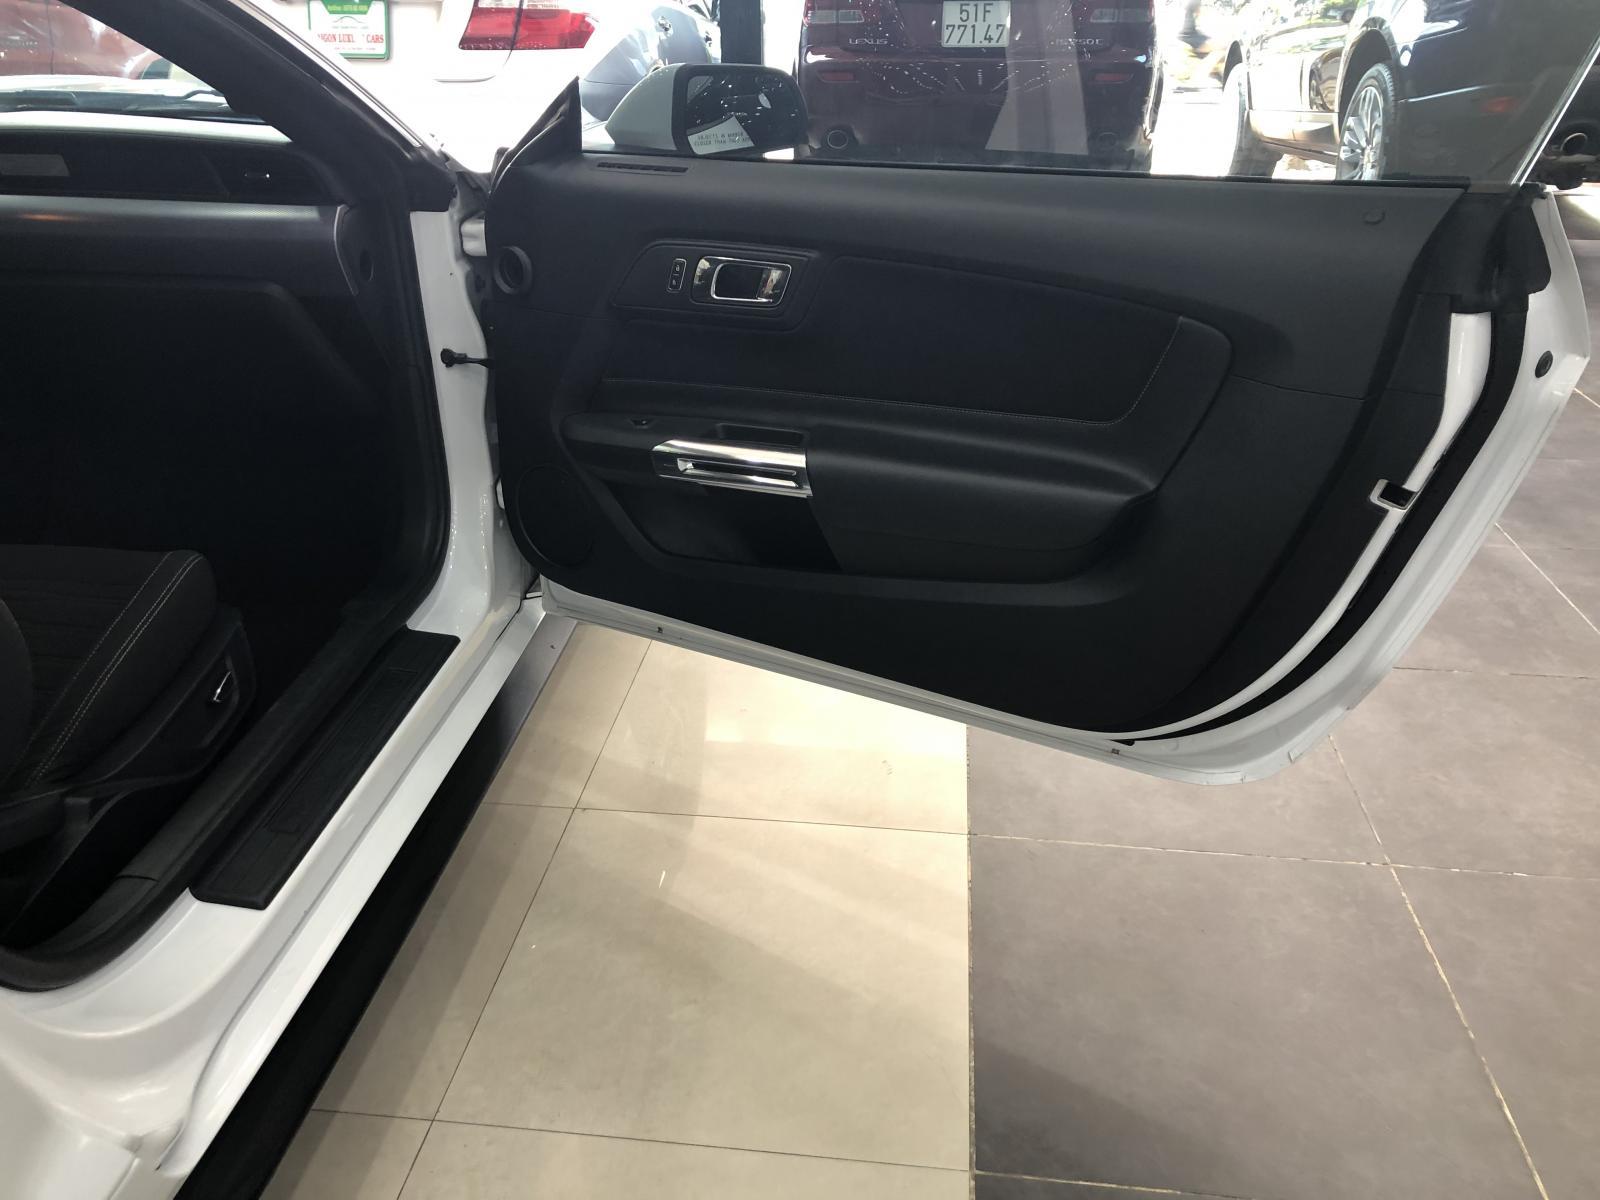 Cần bán xe Ford Mustang sản xuất 2017, màu trắng, nhập khẩu nguyên chiếc